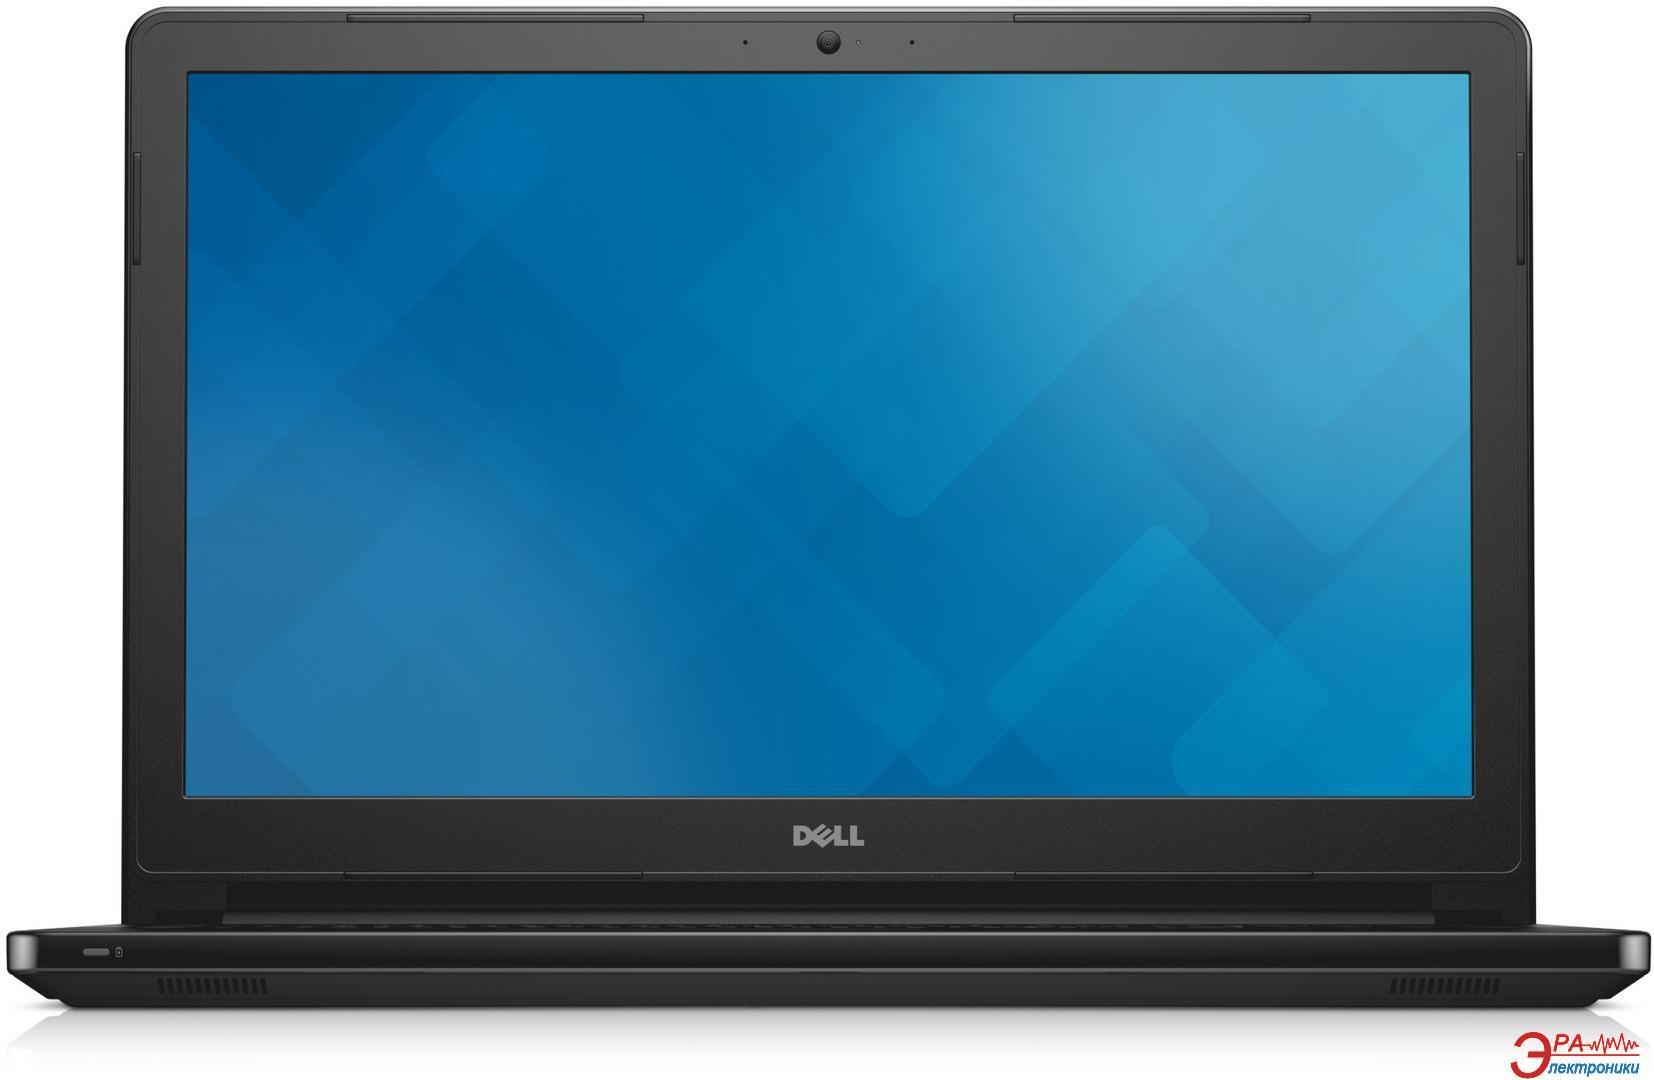 Ноутбук Dell Vostro 15 3558 (VAN15BDW1603_007_ubu1) Black 15,6